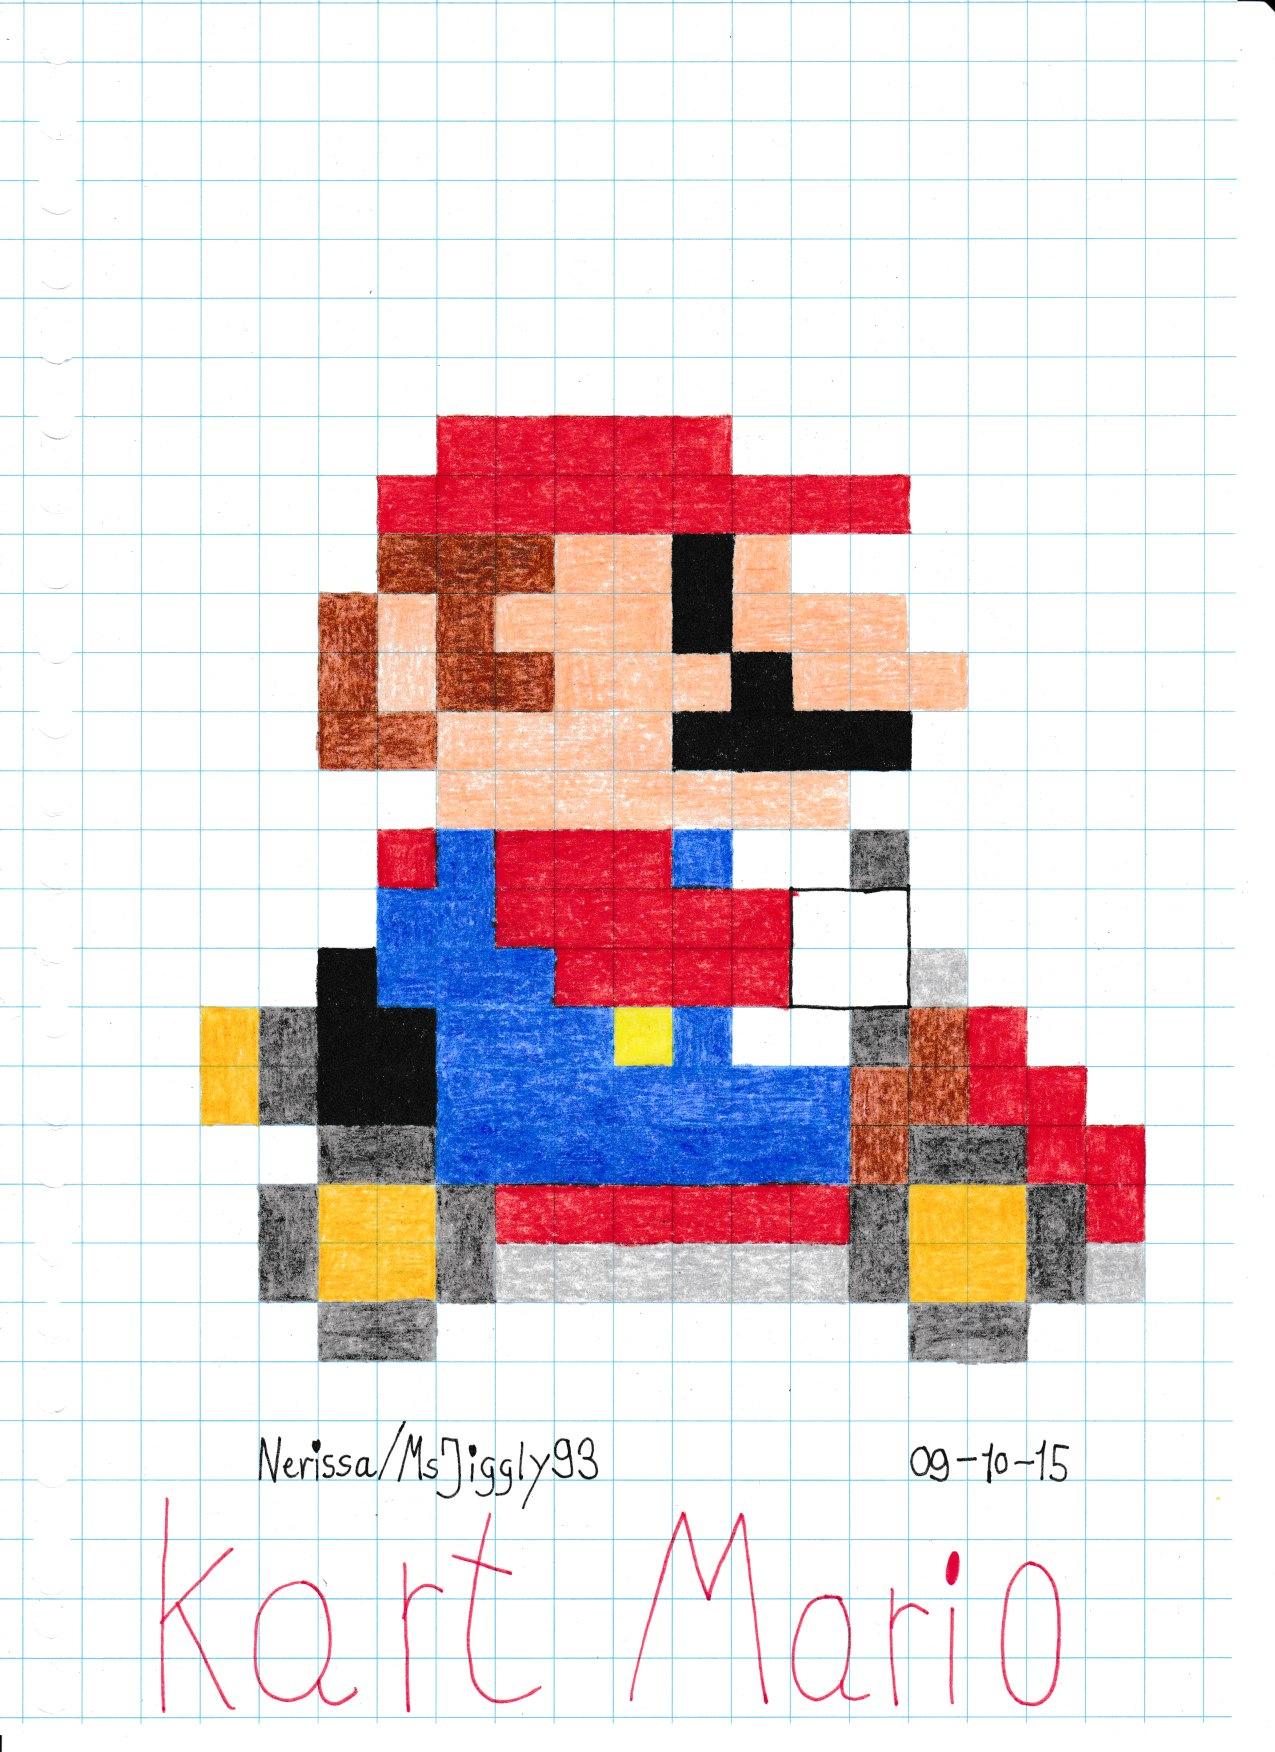 Squishy Duck Super Mario Maker 4 : Kart Mario (8-Bit) by MsJiggly93 on DeviantArt